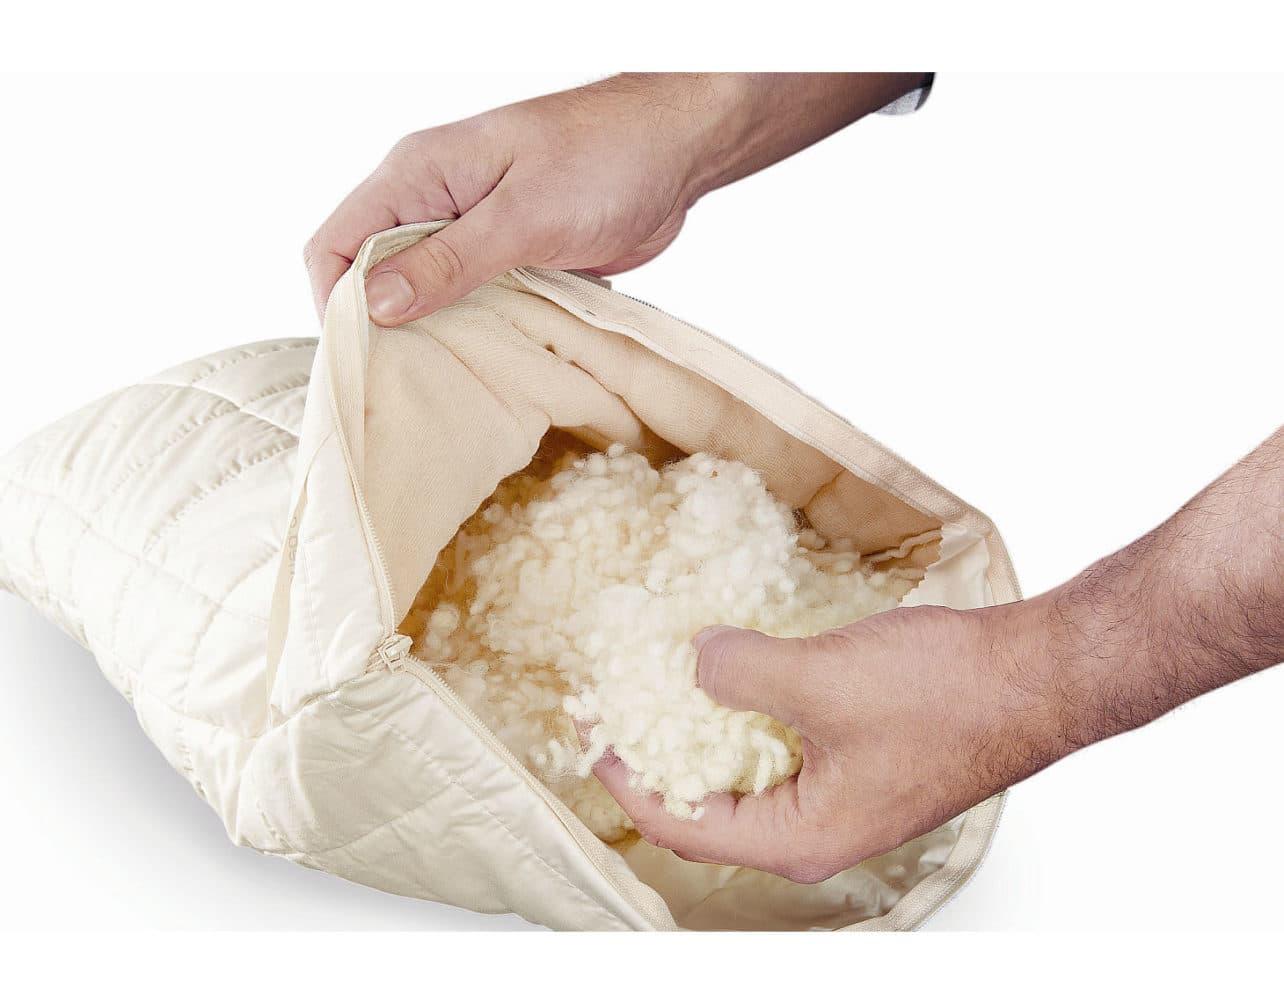 Weiches Kissen aus Baumwolle kbA mit Schafschurwollflocken kbT.